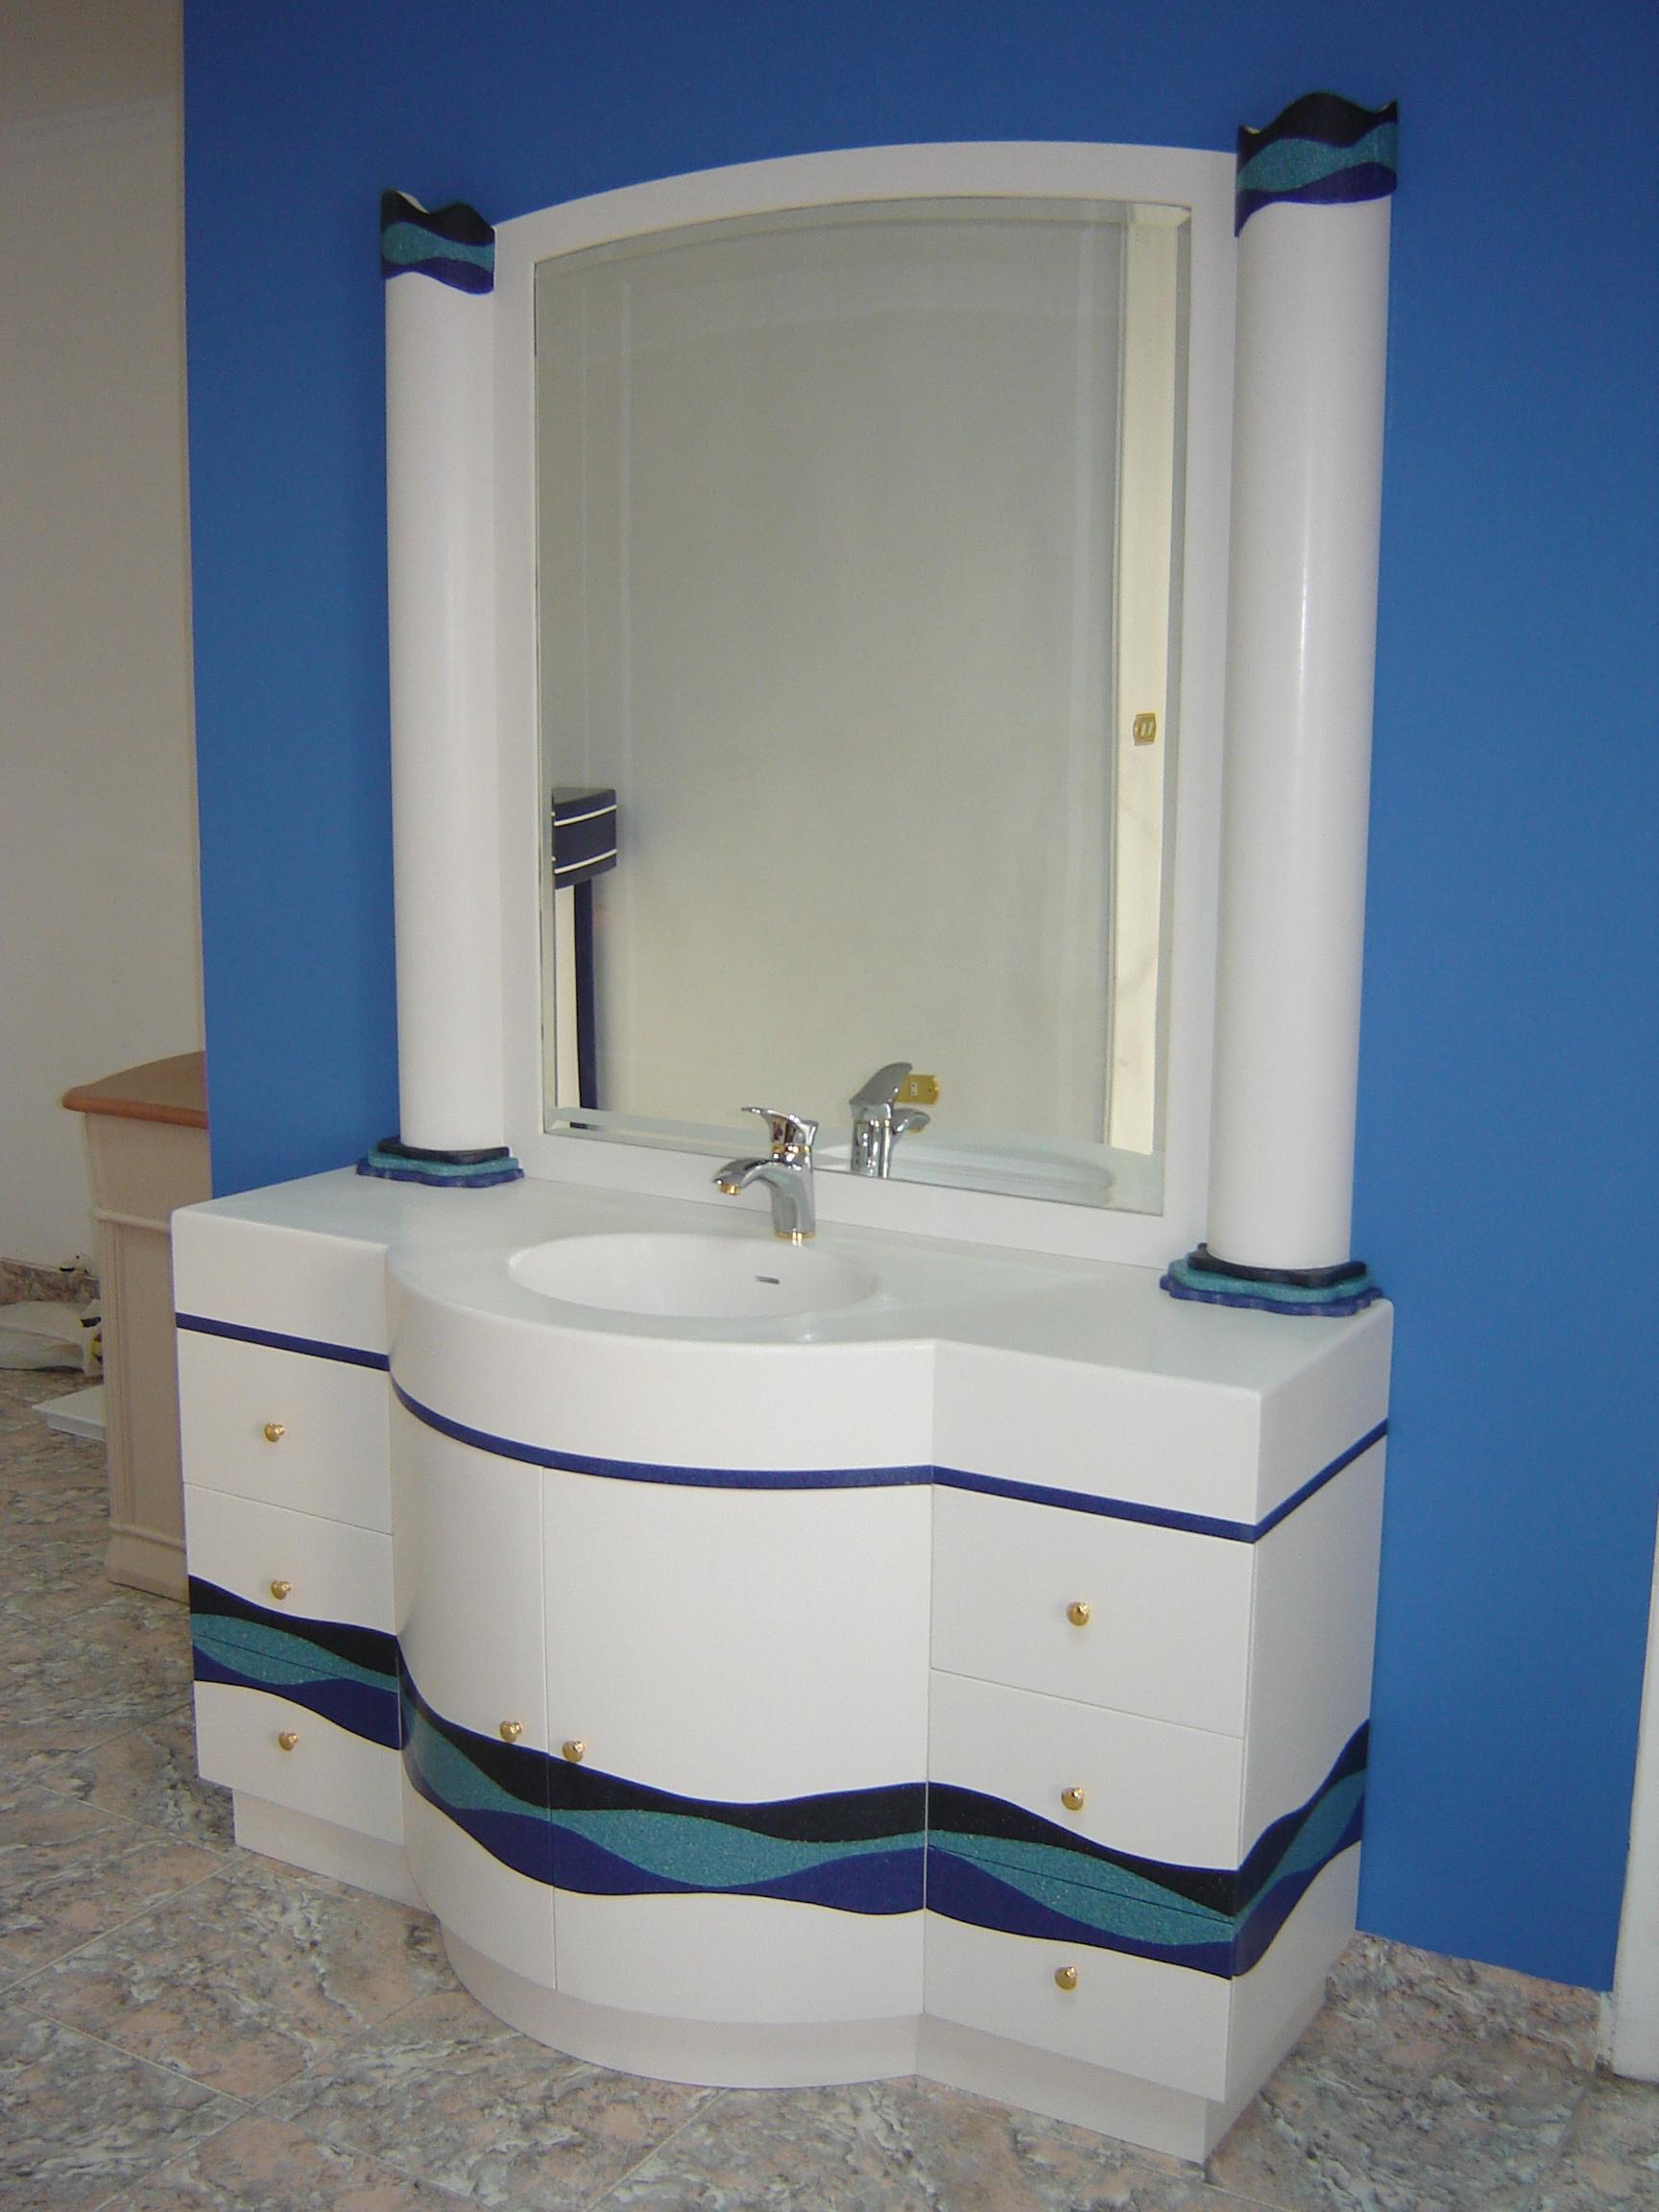 احواض حمامات روعة المرسال